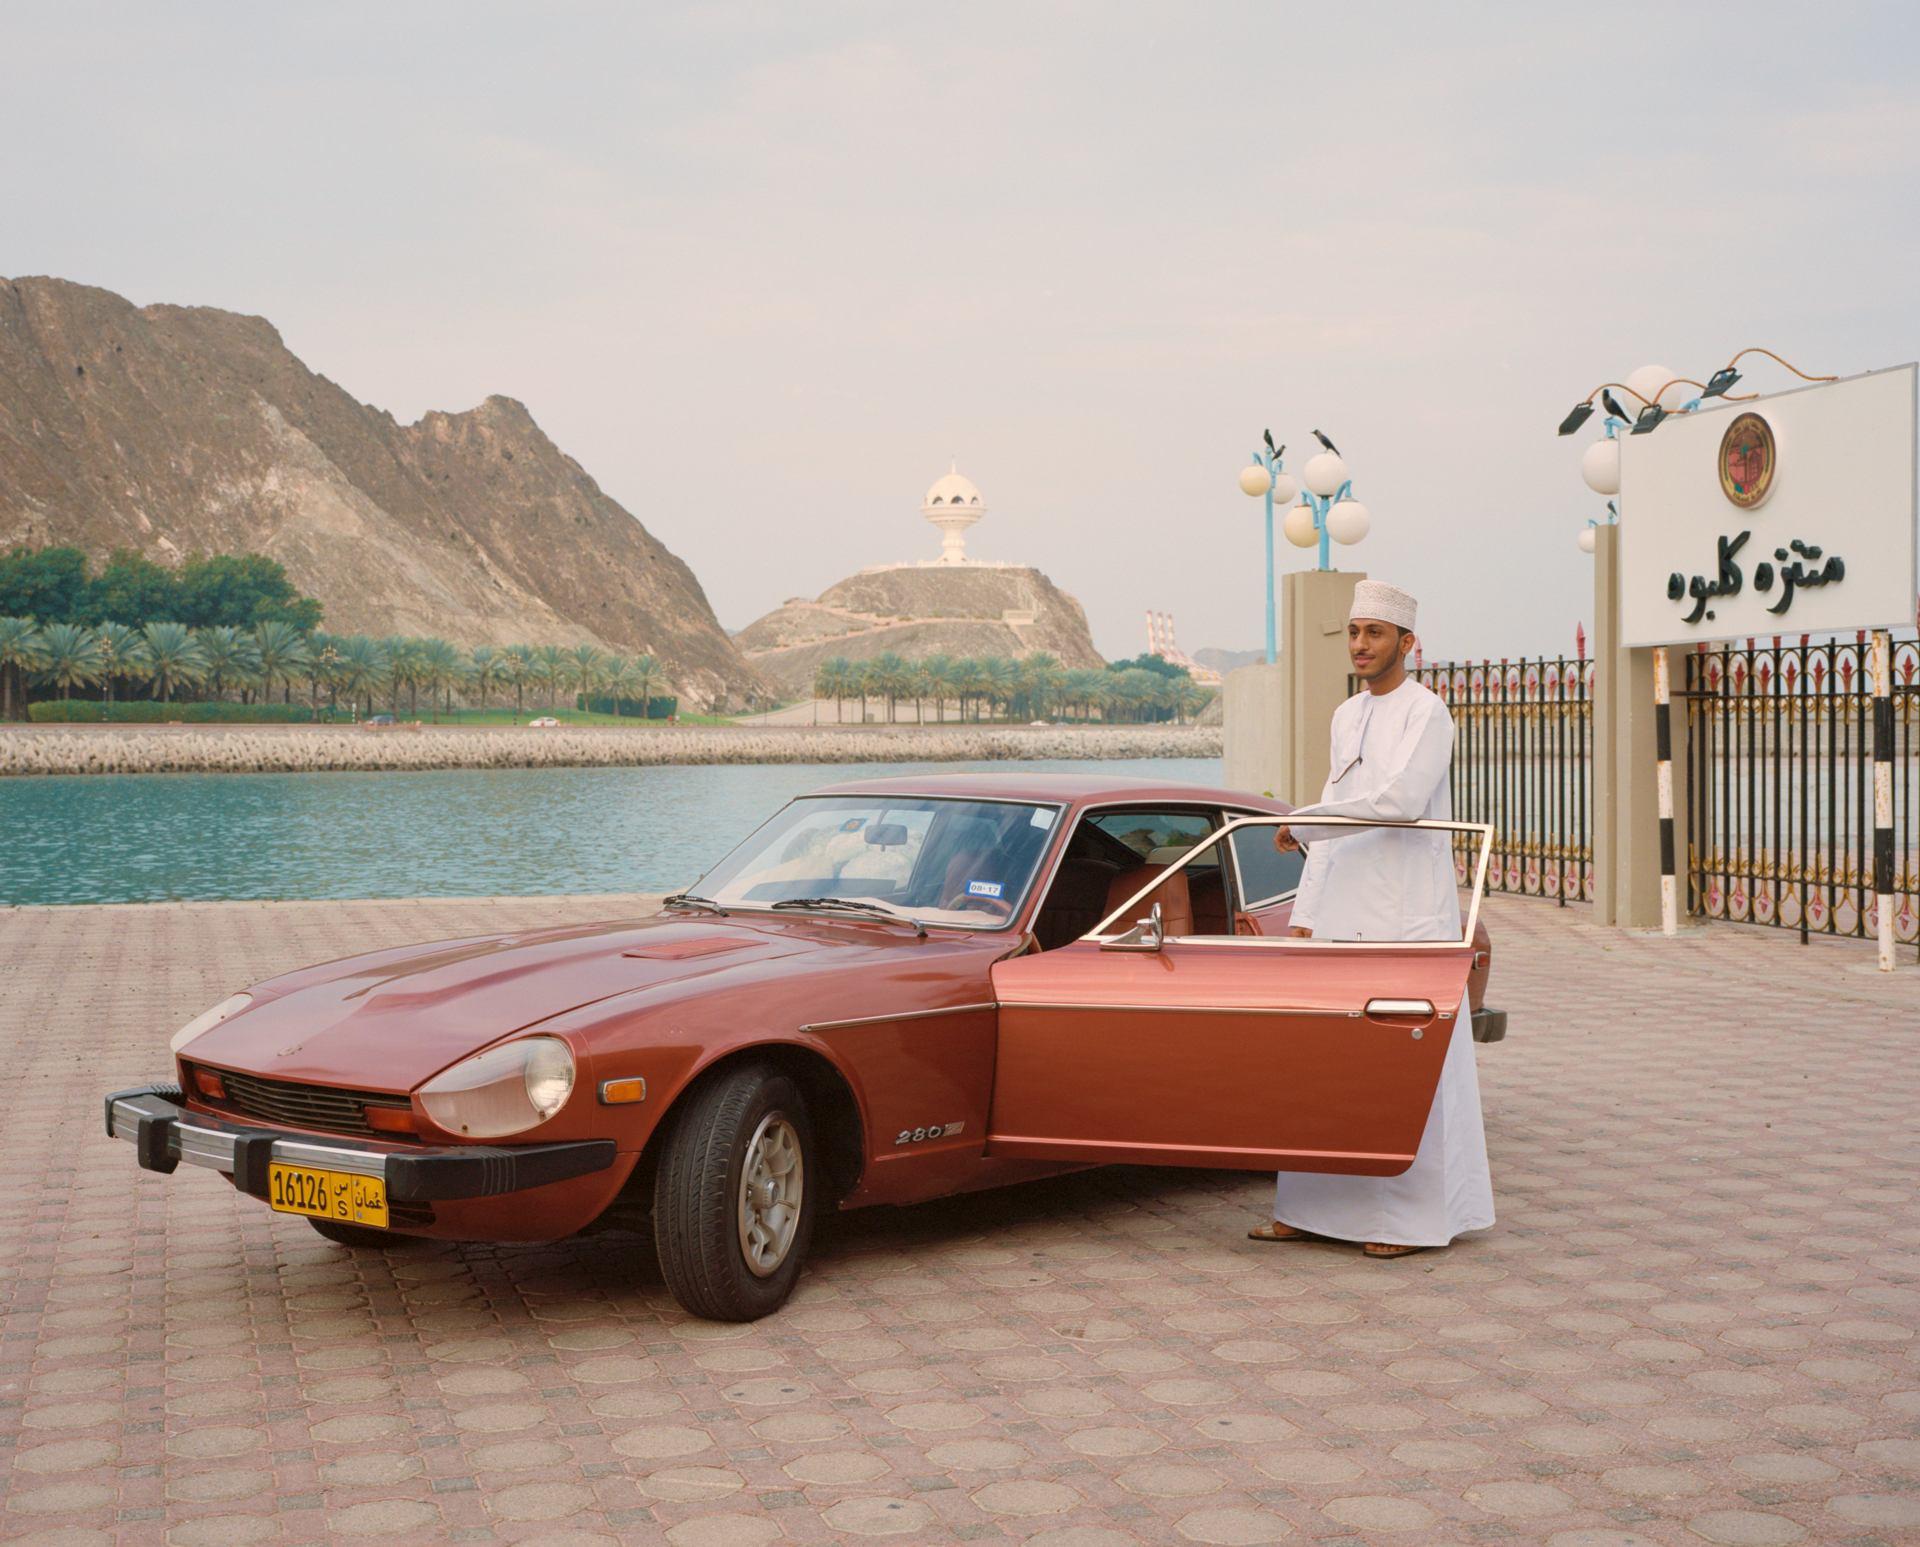 Oman, Adil (6x7film)